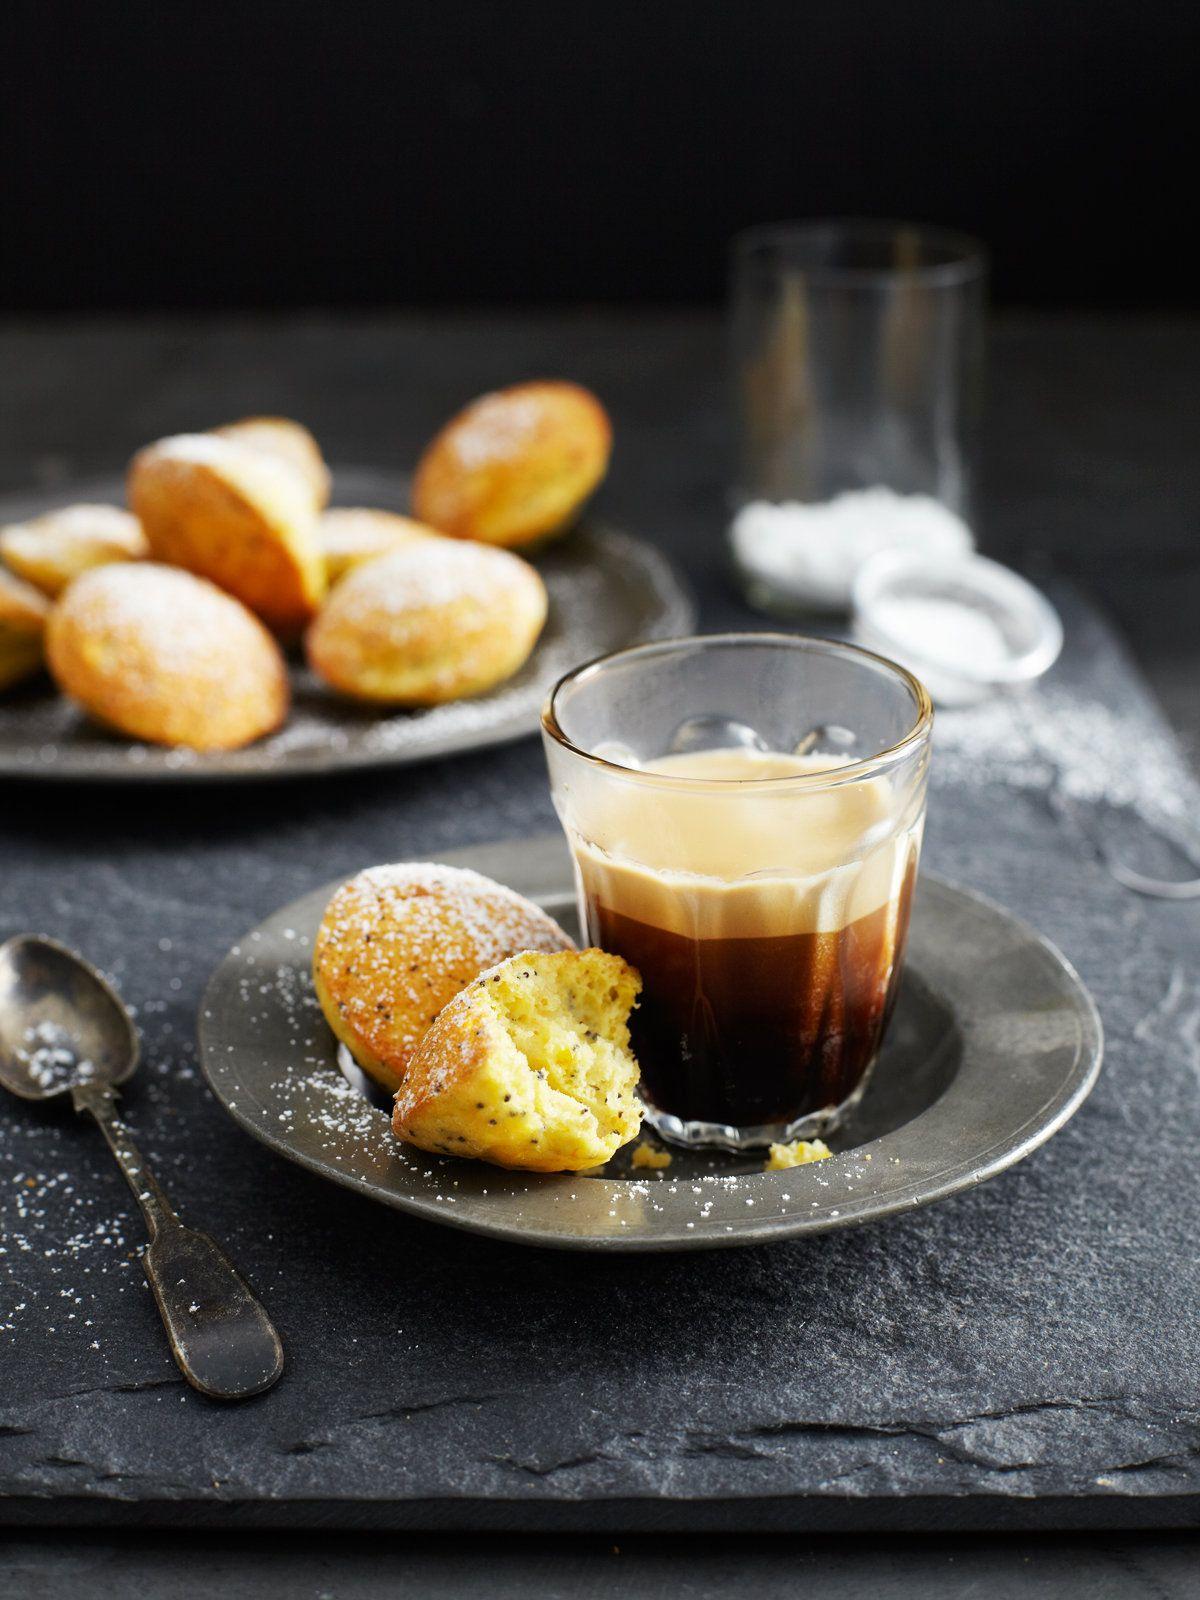 Editorial Lebensmittel essen, Getränke rezepte, Teekuchen